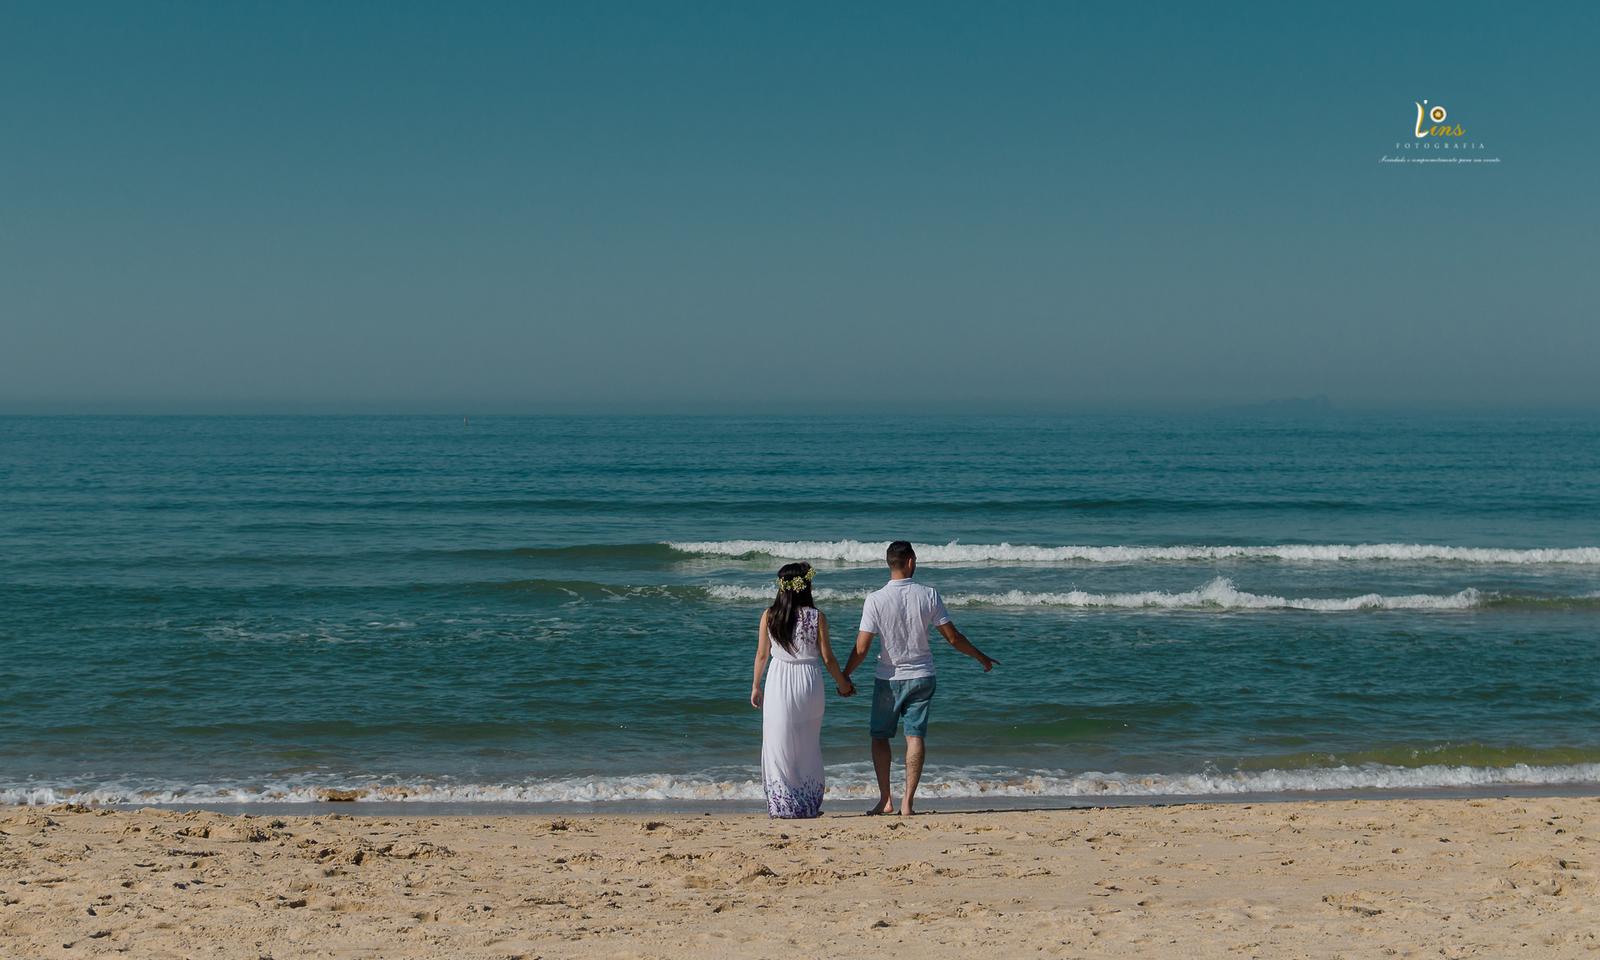 Ensaio Casal de Thiago e Nayara em Praia Camburizinho Litoral Norte